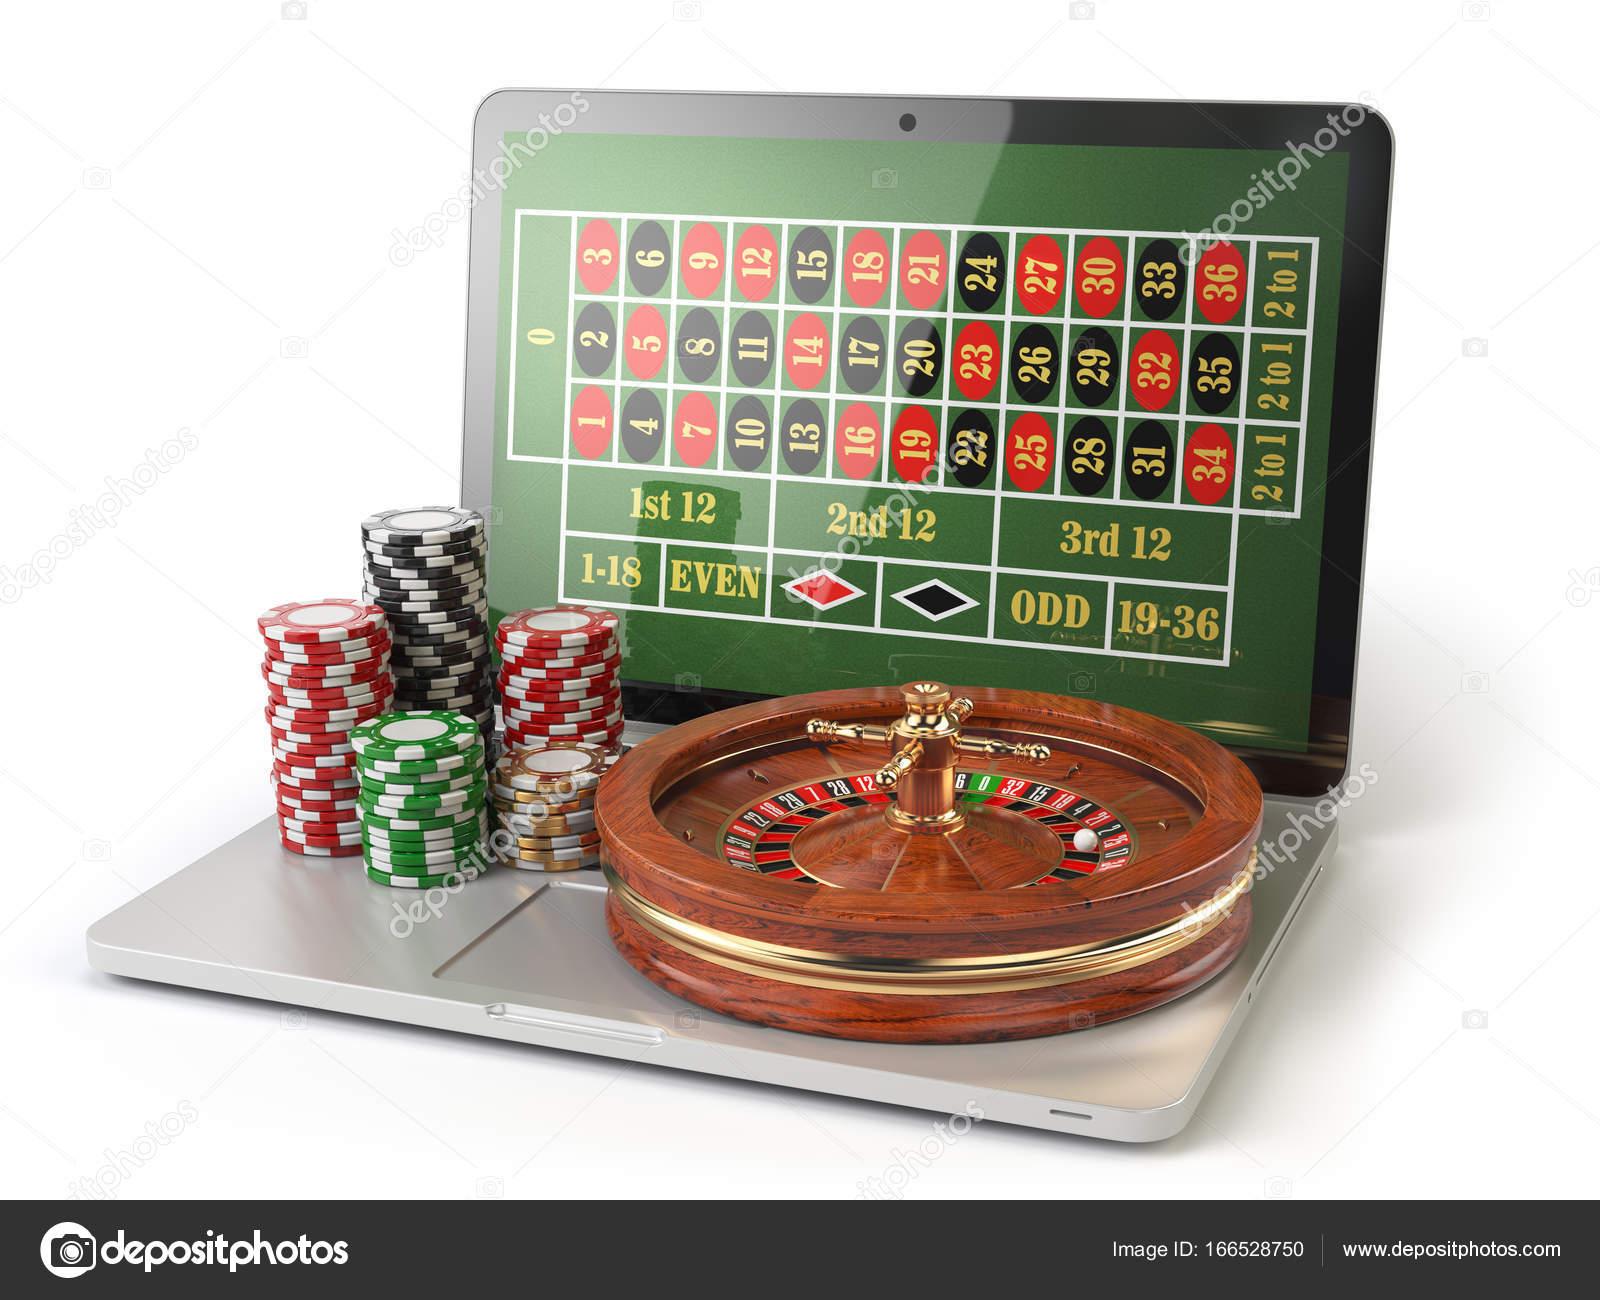 Онлайн казино но телефоне ограбить казино смотреть онлайн бесплатно в хорошем качестве